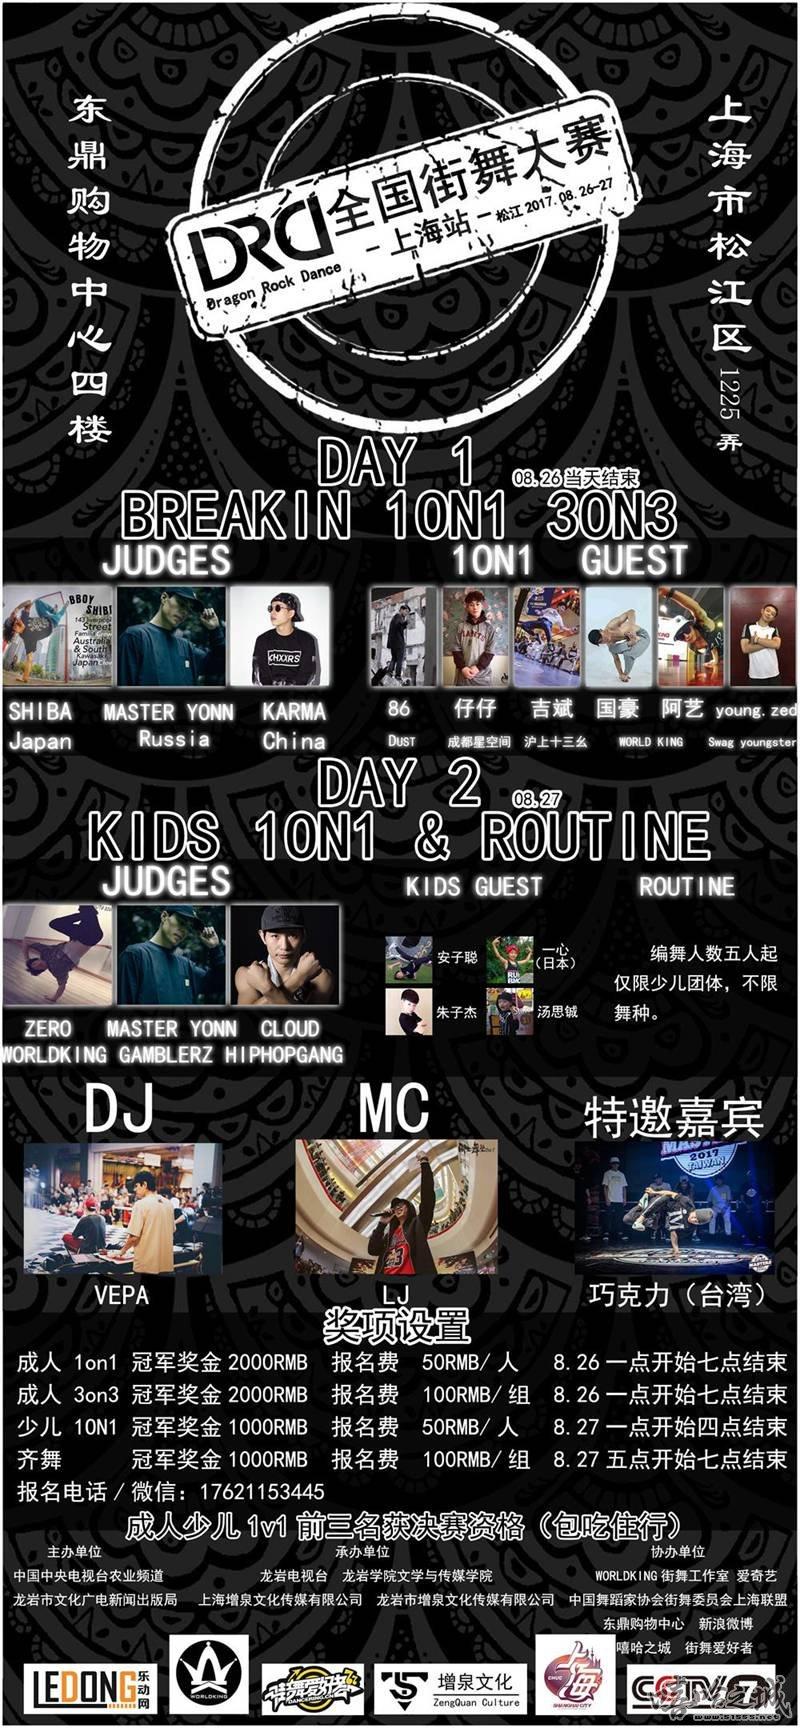 上海街舞大赛_dragon rock dance drd全国街舞大赛 上海站